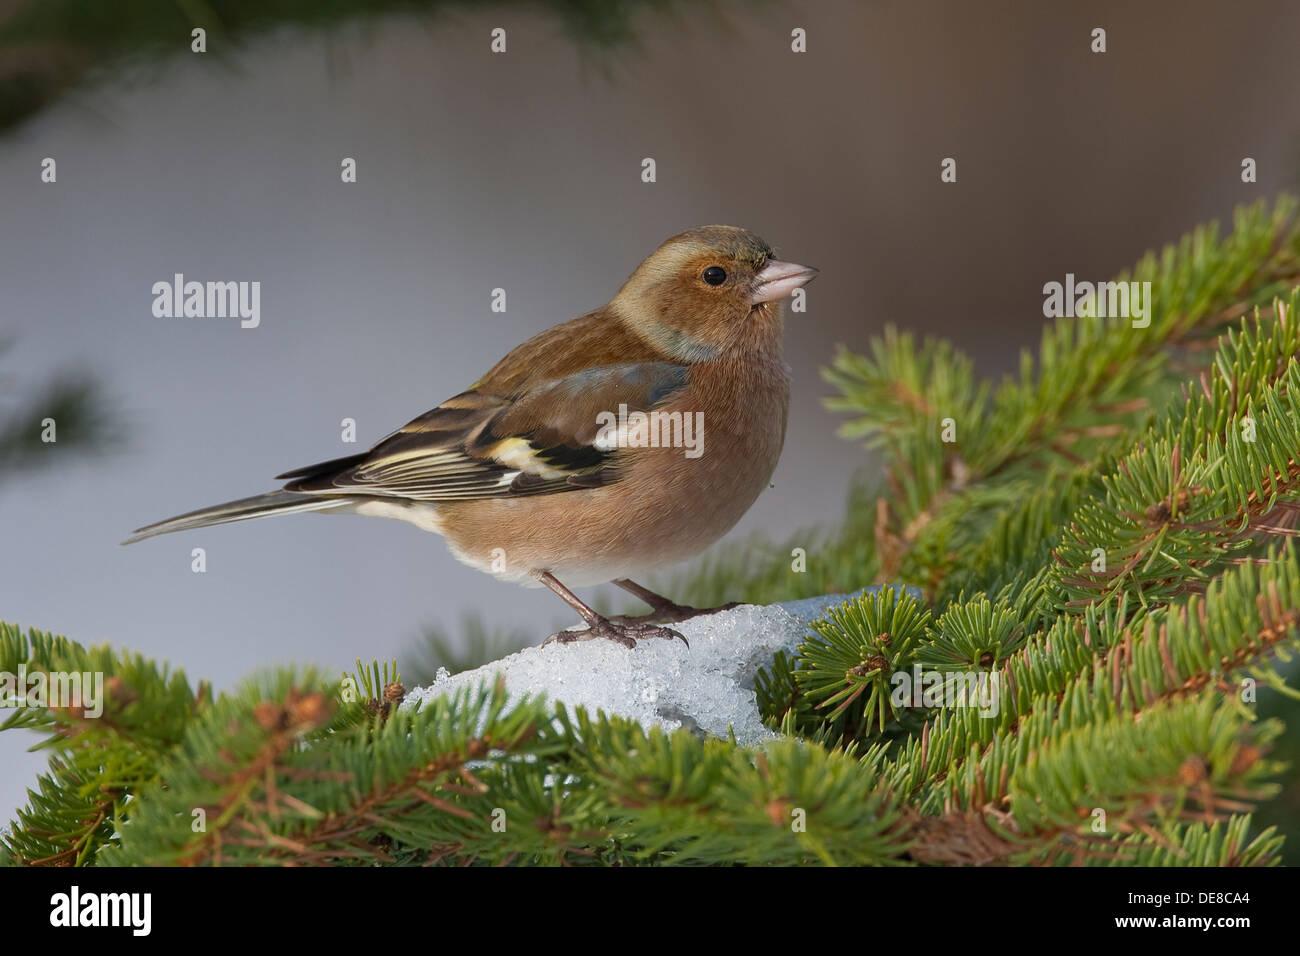 Buchfink, Männlich, Buchfink, Buch-Fink, Männchen, Fringilla Coelebs, Winter, Schnee, Schnee Stockfoto